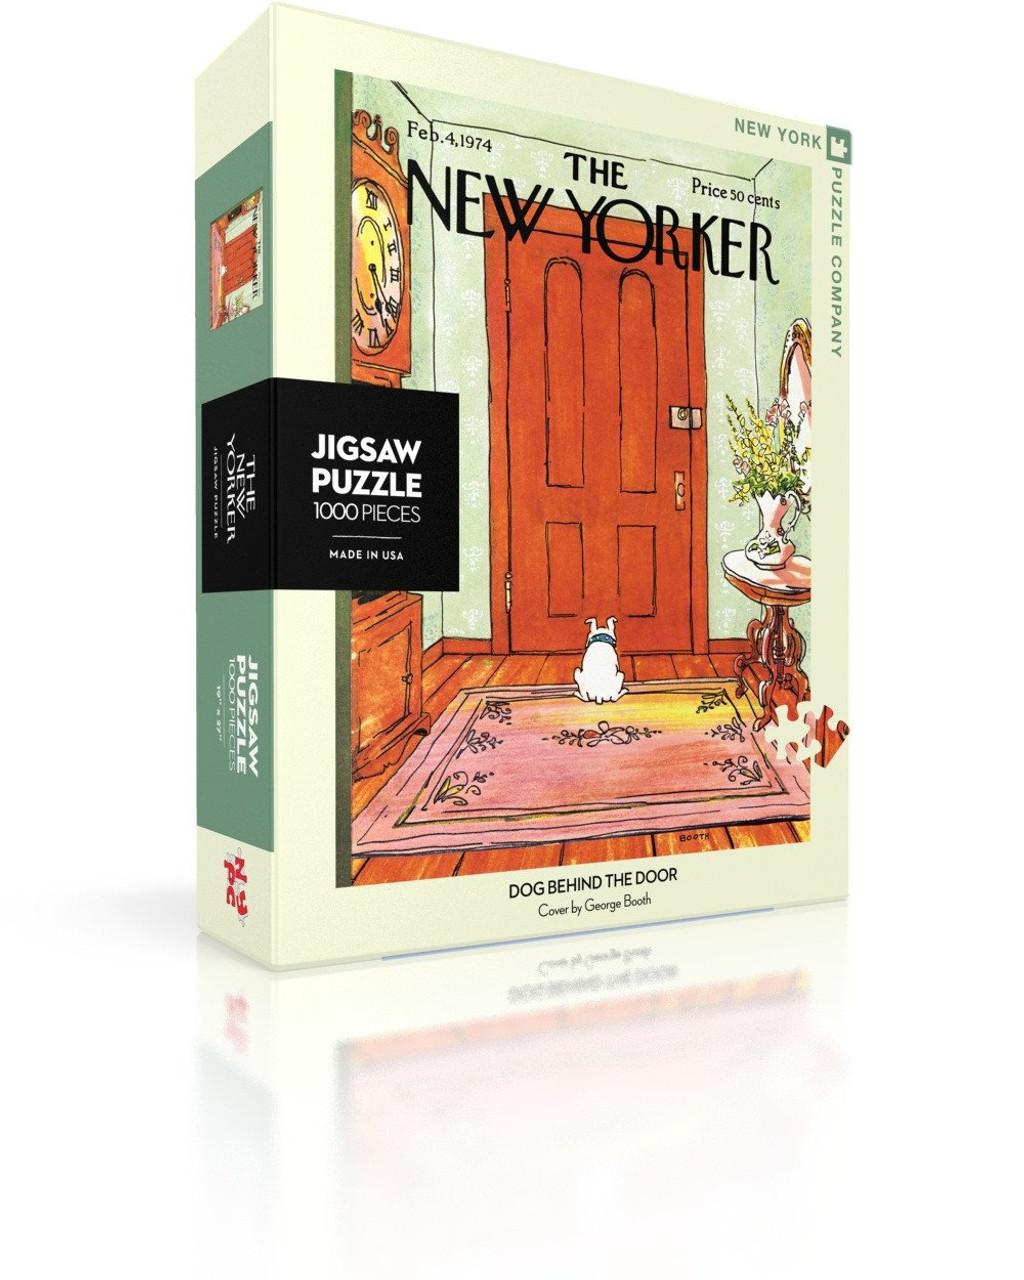 DOG BEHIND THE DOOR- 1000 Pcs - New Yorker